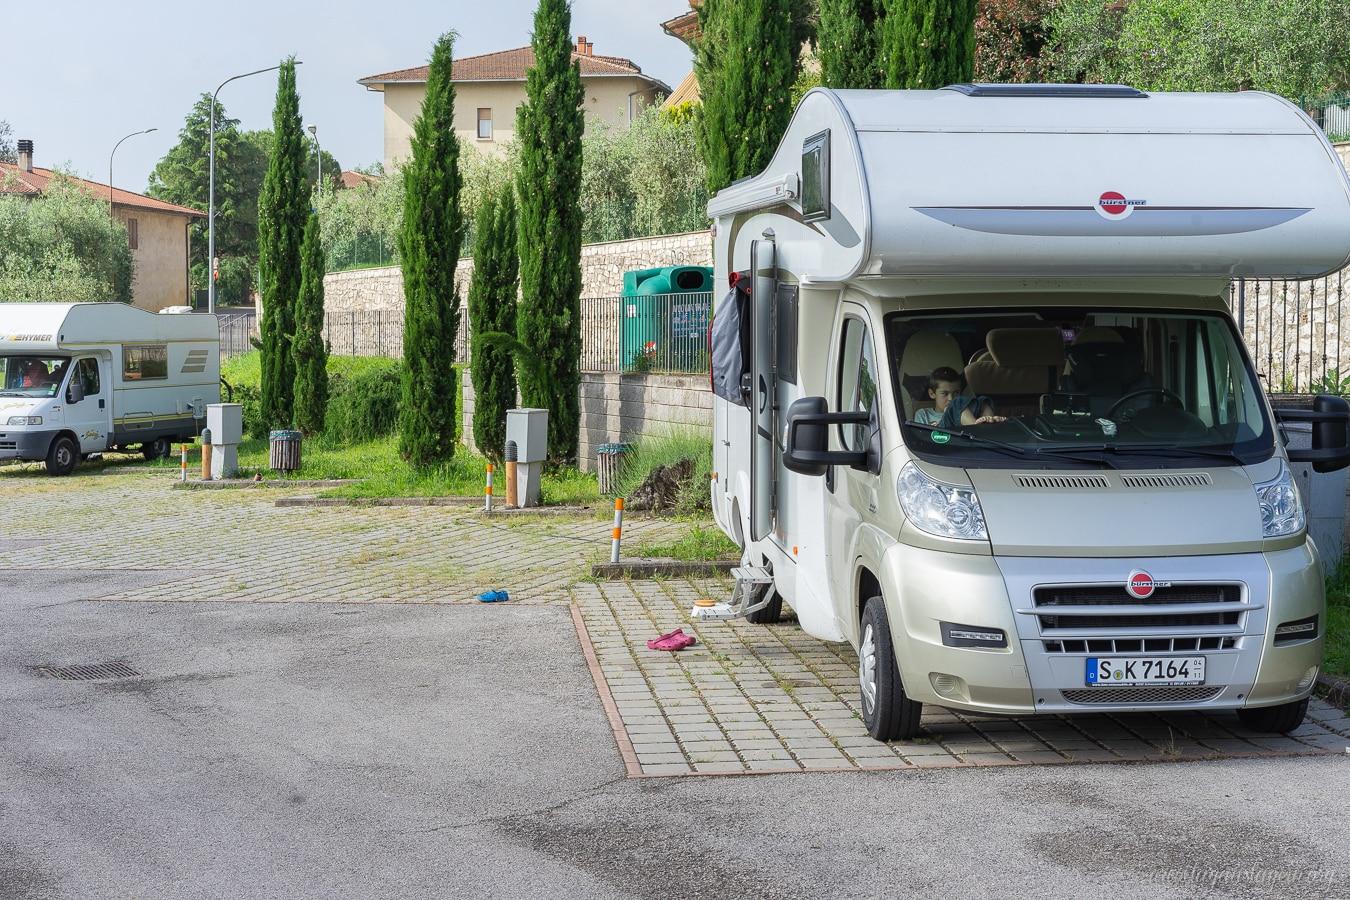 Wohnmobil Reisebericht Toskana Italien